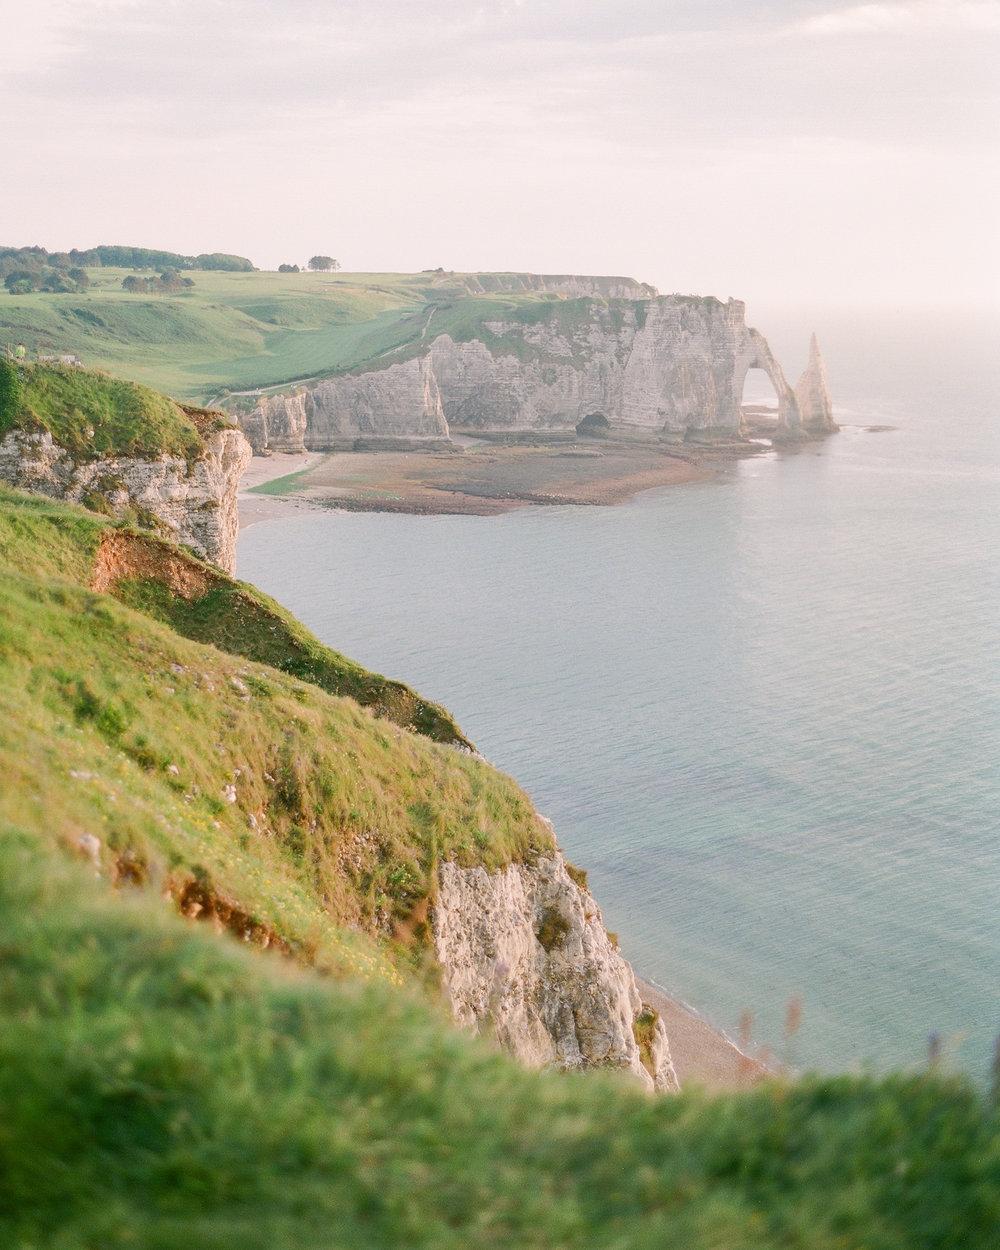 mollycarr-travel-destinationphotography-creativetravel-artists-filmphotography-unearthingtc-cliffside-ocean-europe.jpg